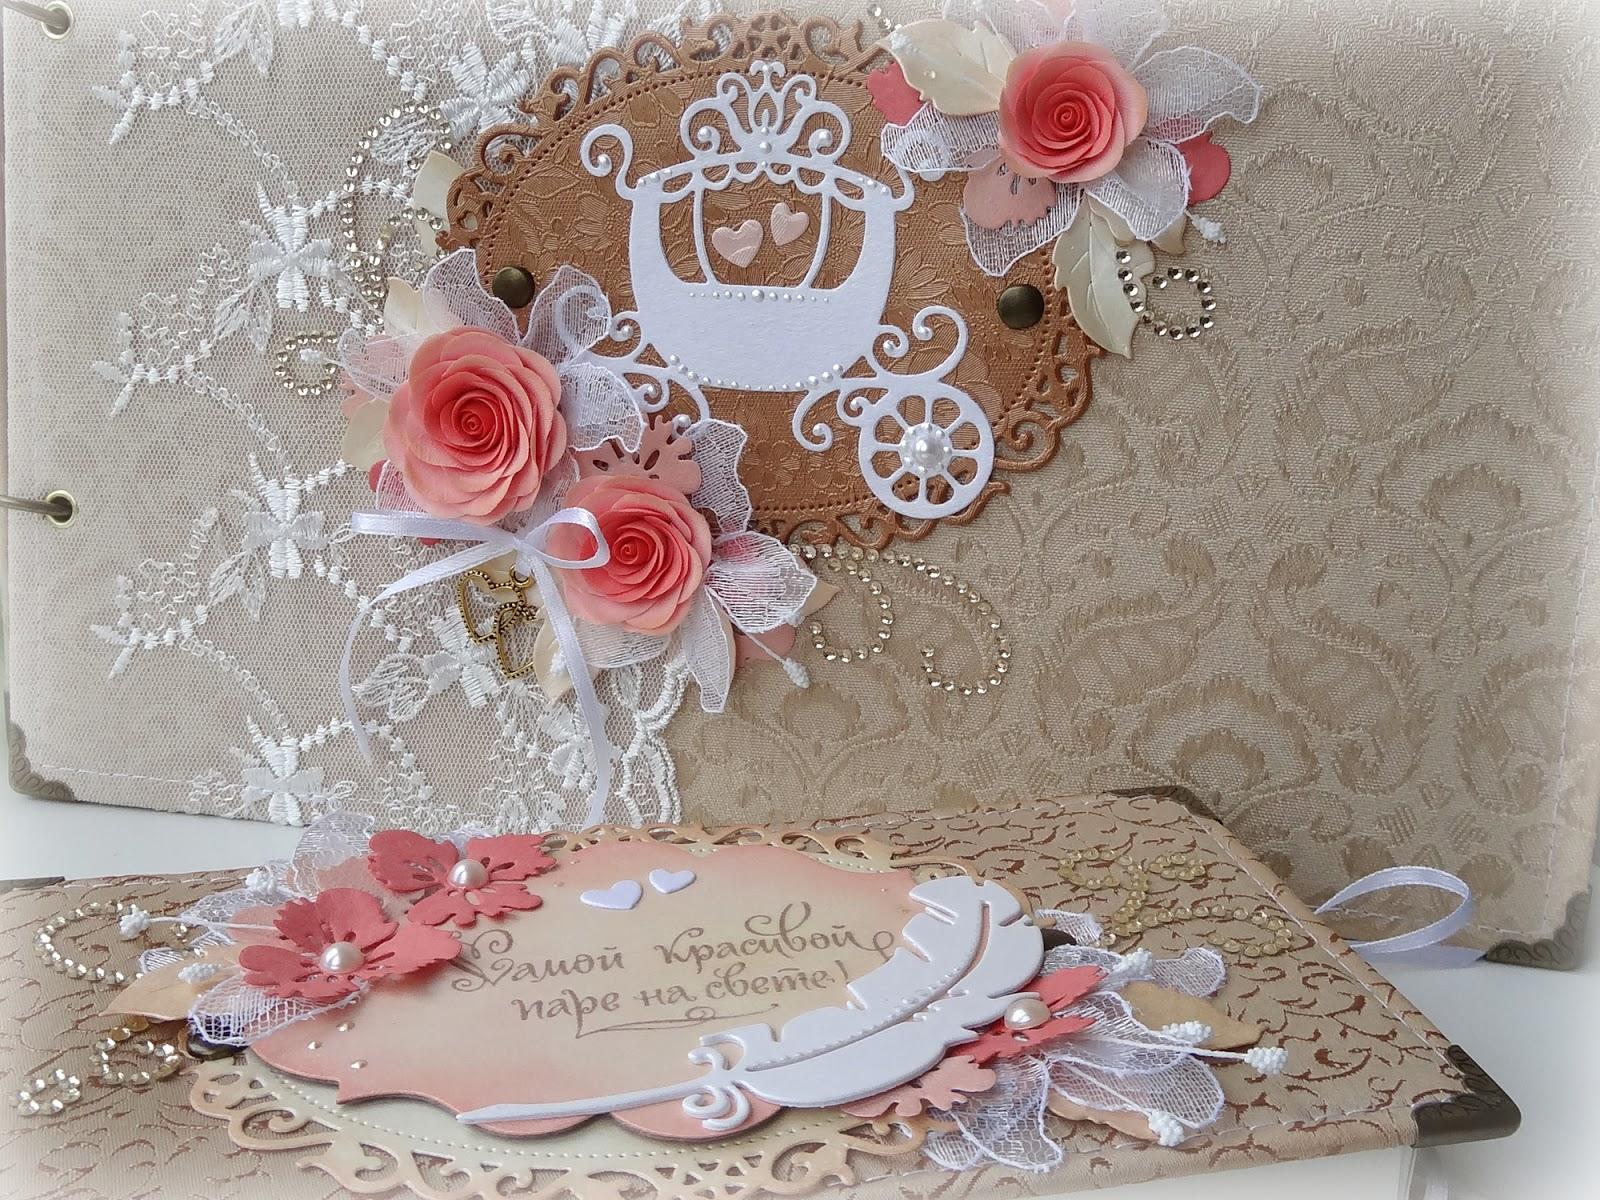 Поздравление от бабушки на свадьбе внучке 2